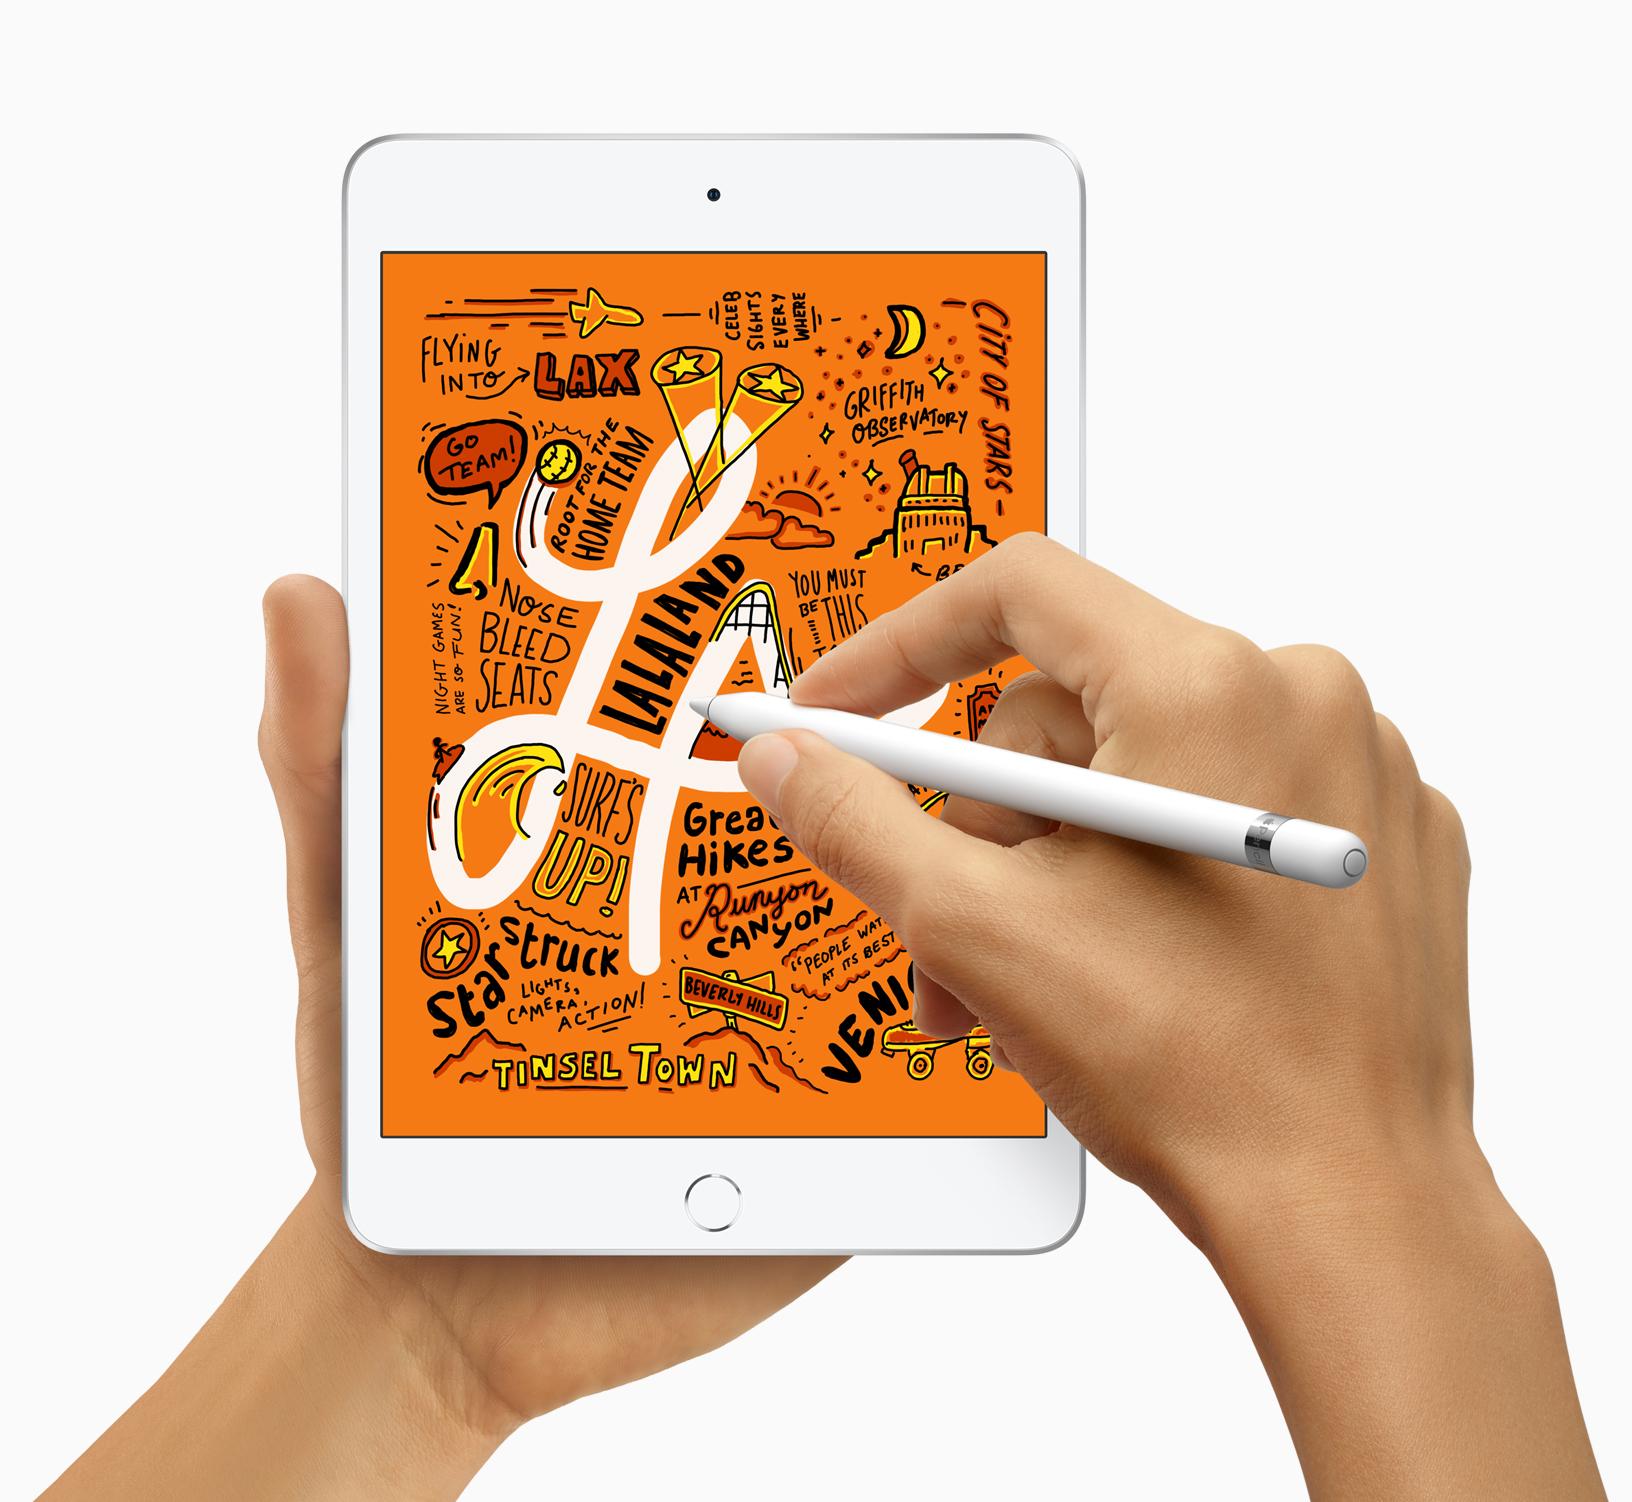 Apple annuncia un nuovo iPad mini e un iPad Air da 10.5 pollici: specifiche e prezzi per l'Italia 2